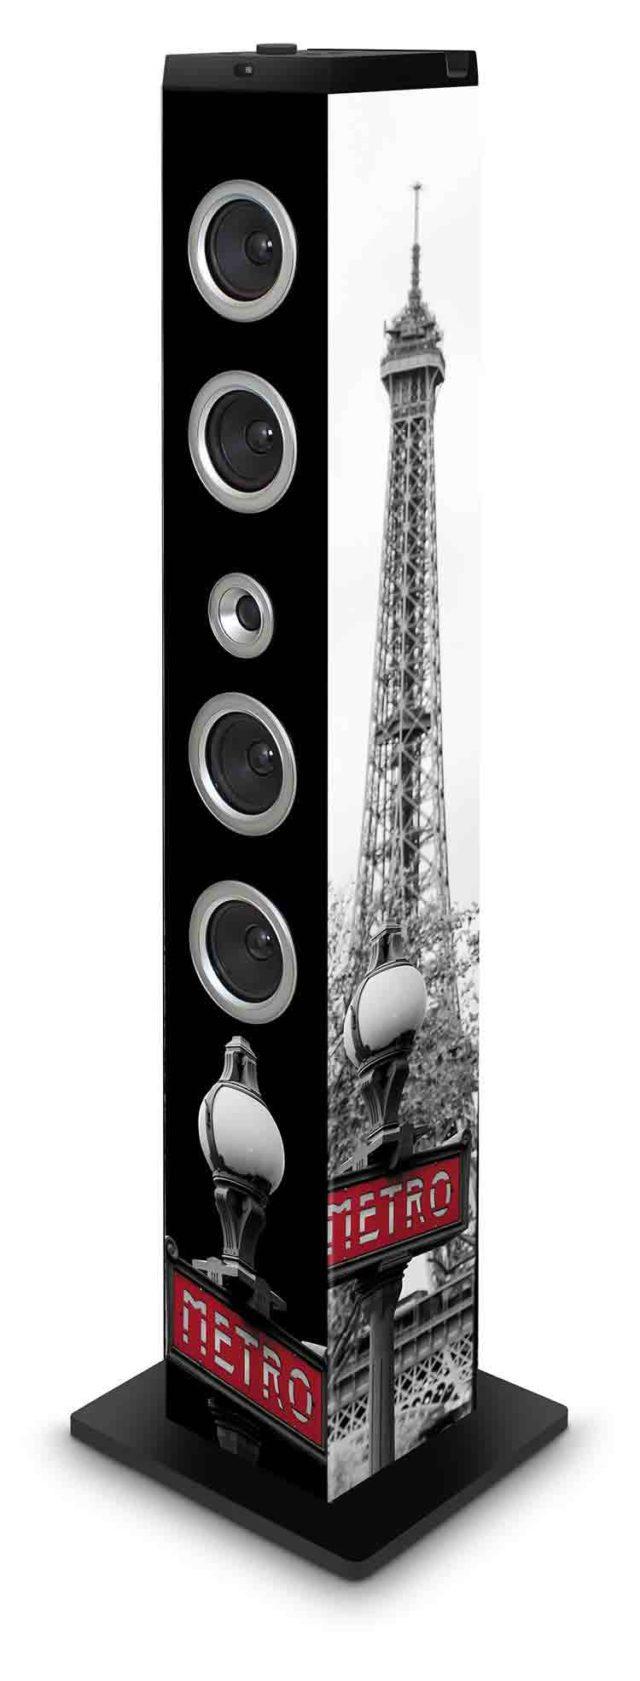 Torre Multimedia BIGBEN diseño metro - Imagen del envoltorio